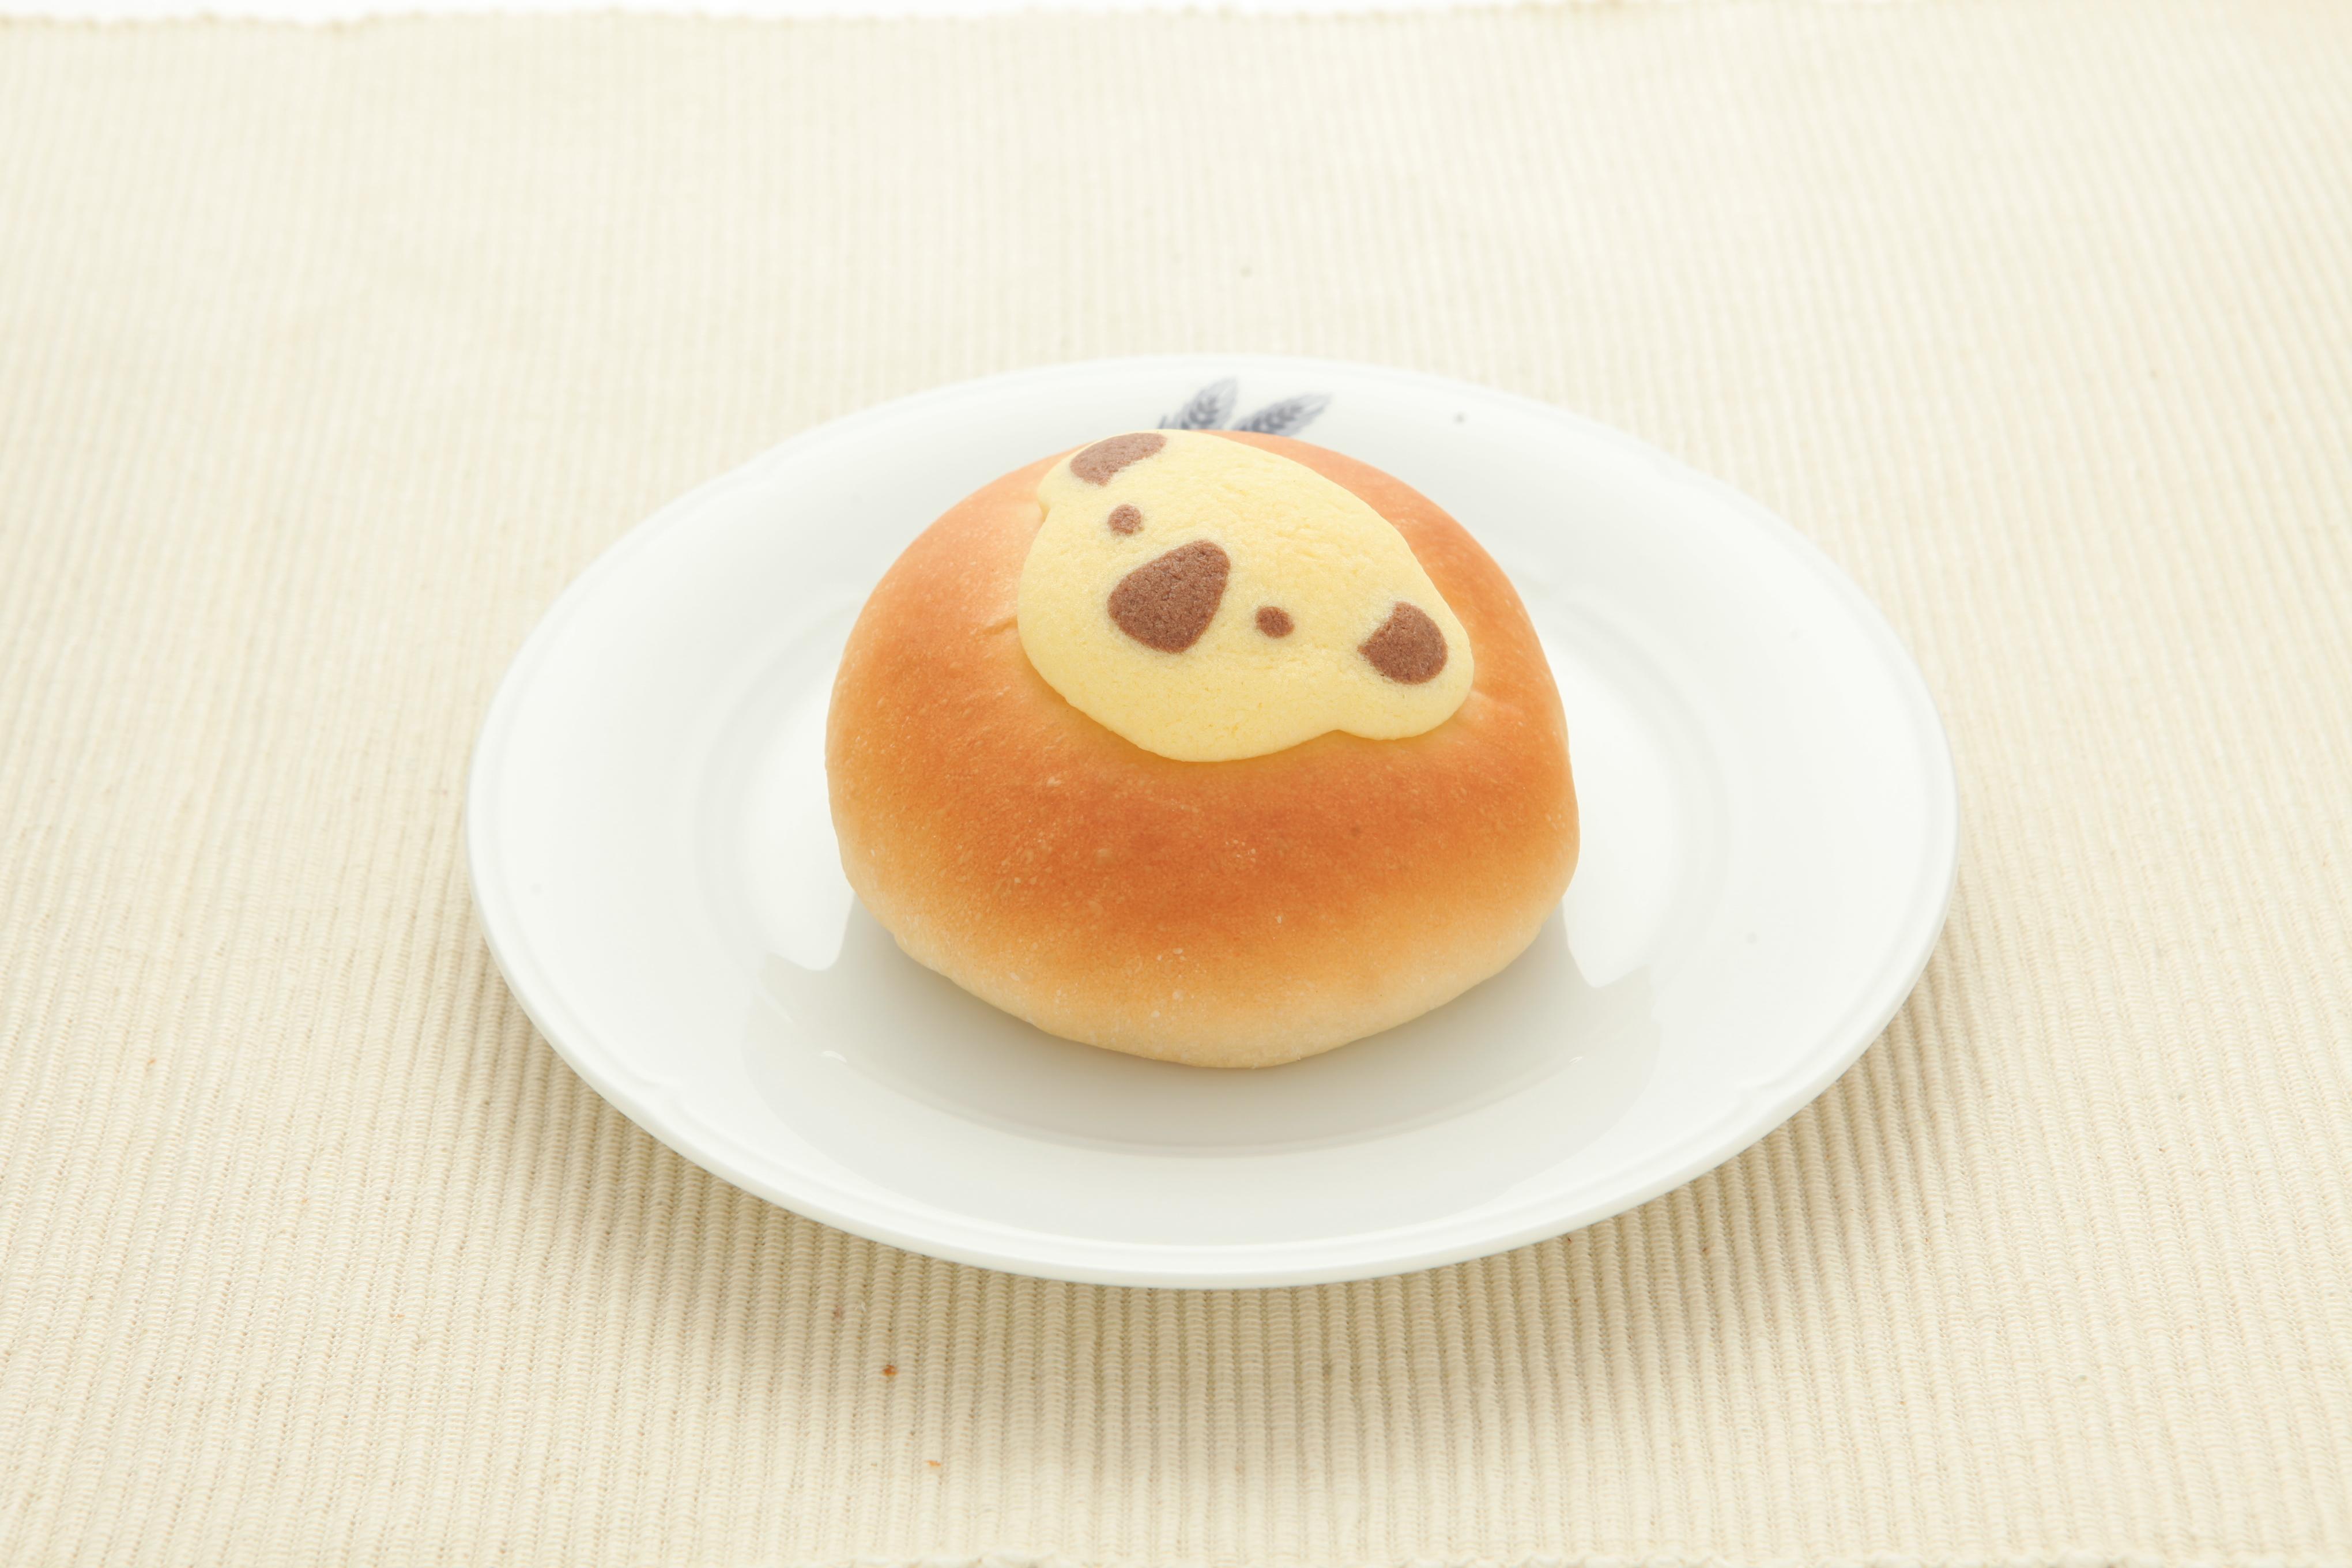 千葉でパンを配達!きいろいくるまのパン屋さん画像11